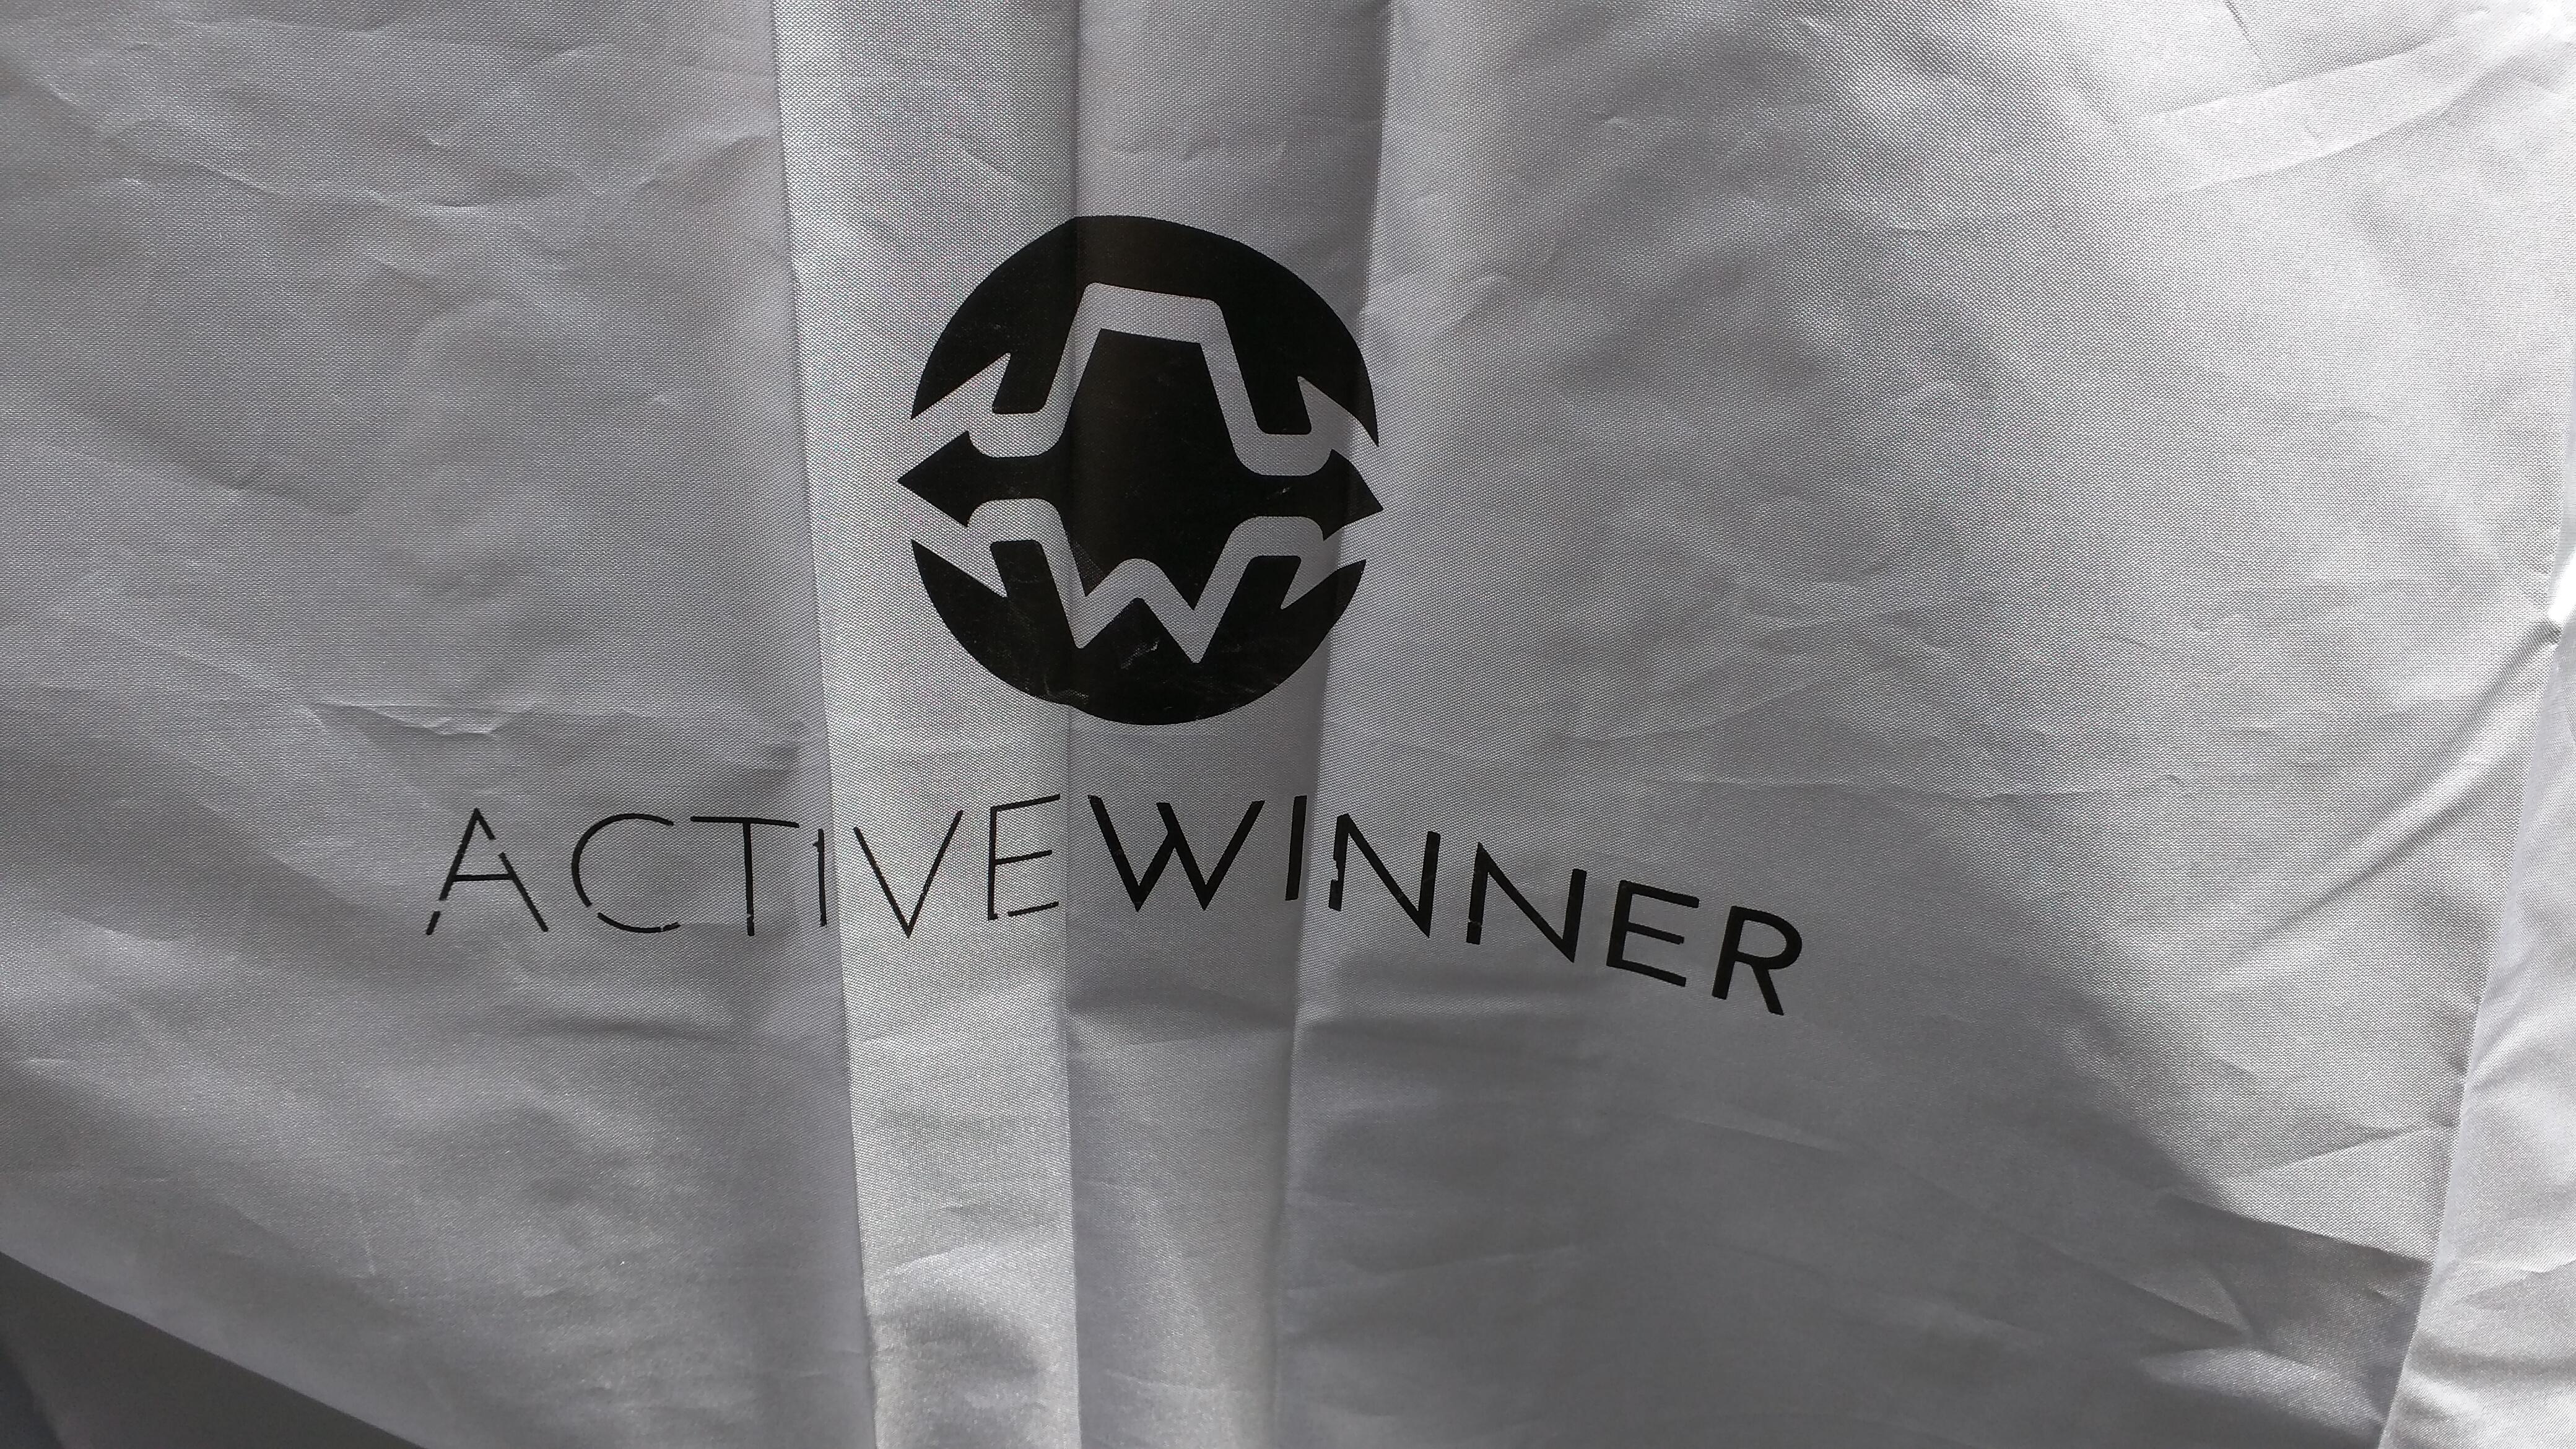 ActiveWinnerロゴ